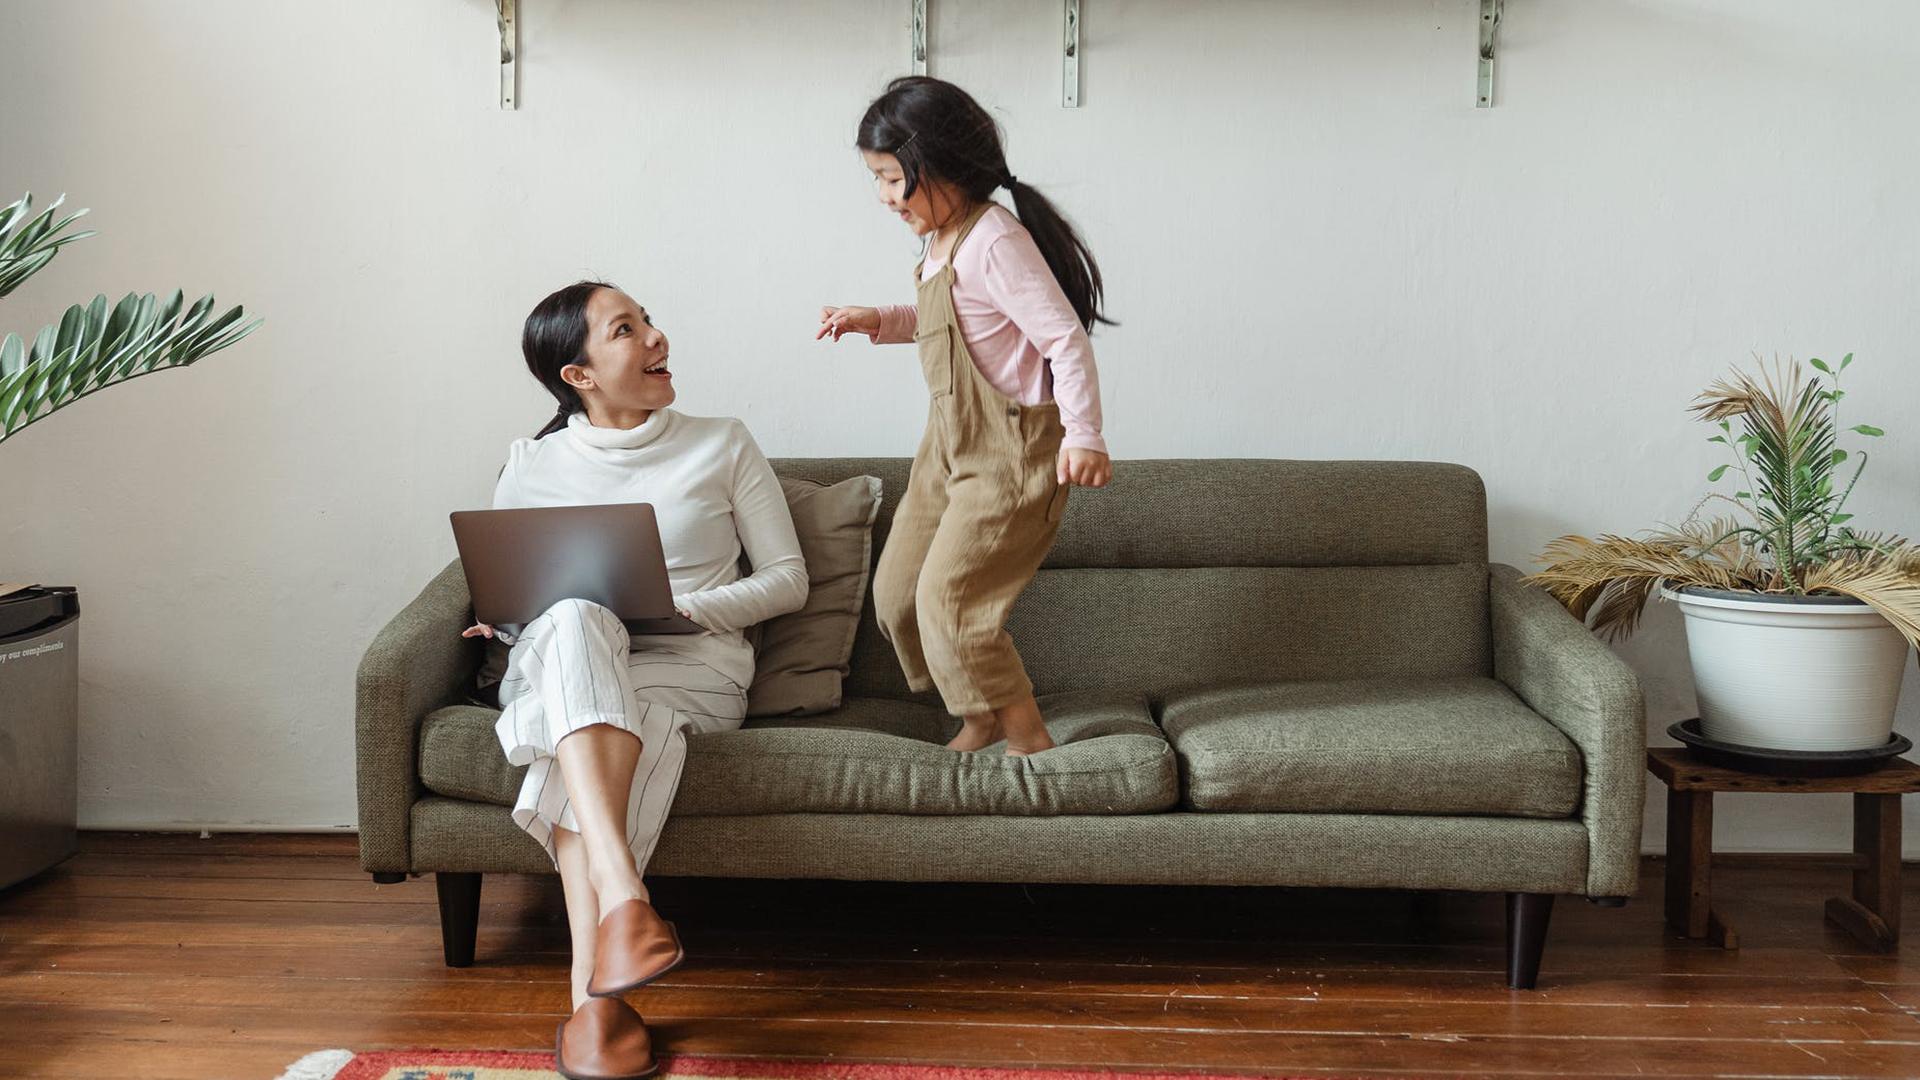 تحميل كتاب كيف تتحدث فيصغي الصغار إليك